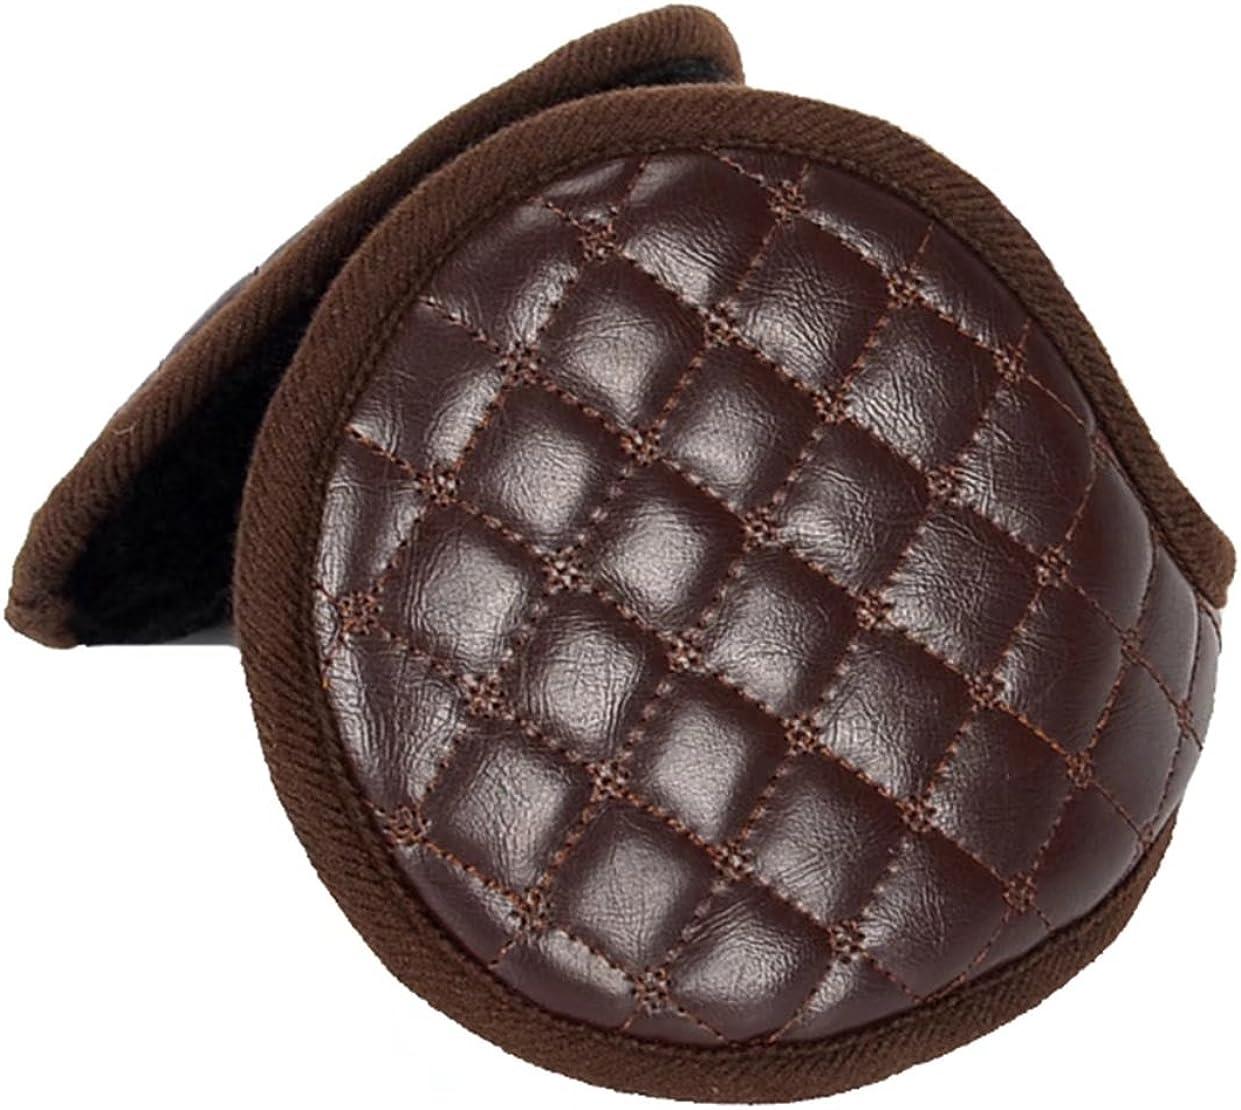 Unisex Leather EarMuffs Faux Furry Earwarmer Winter Outdoor EarMuffs